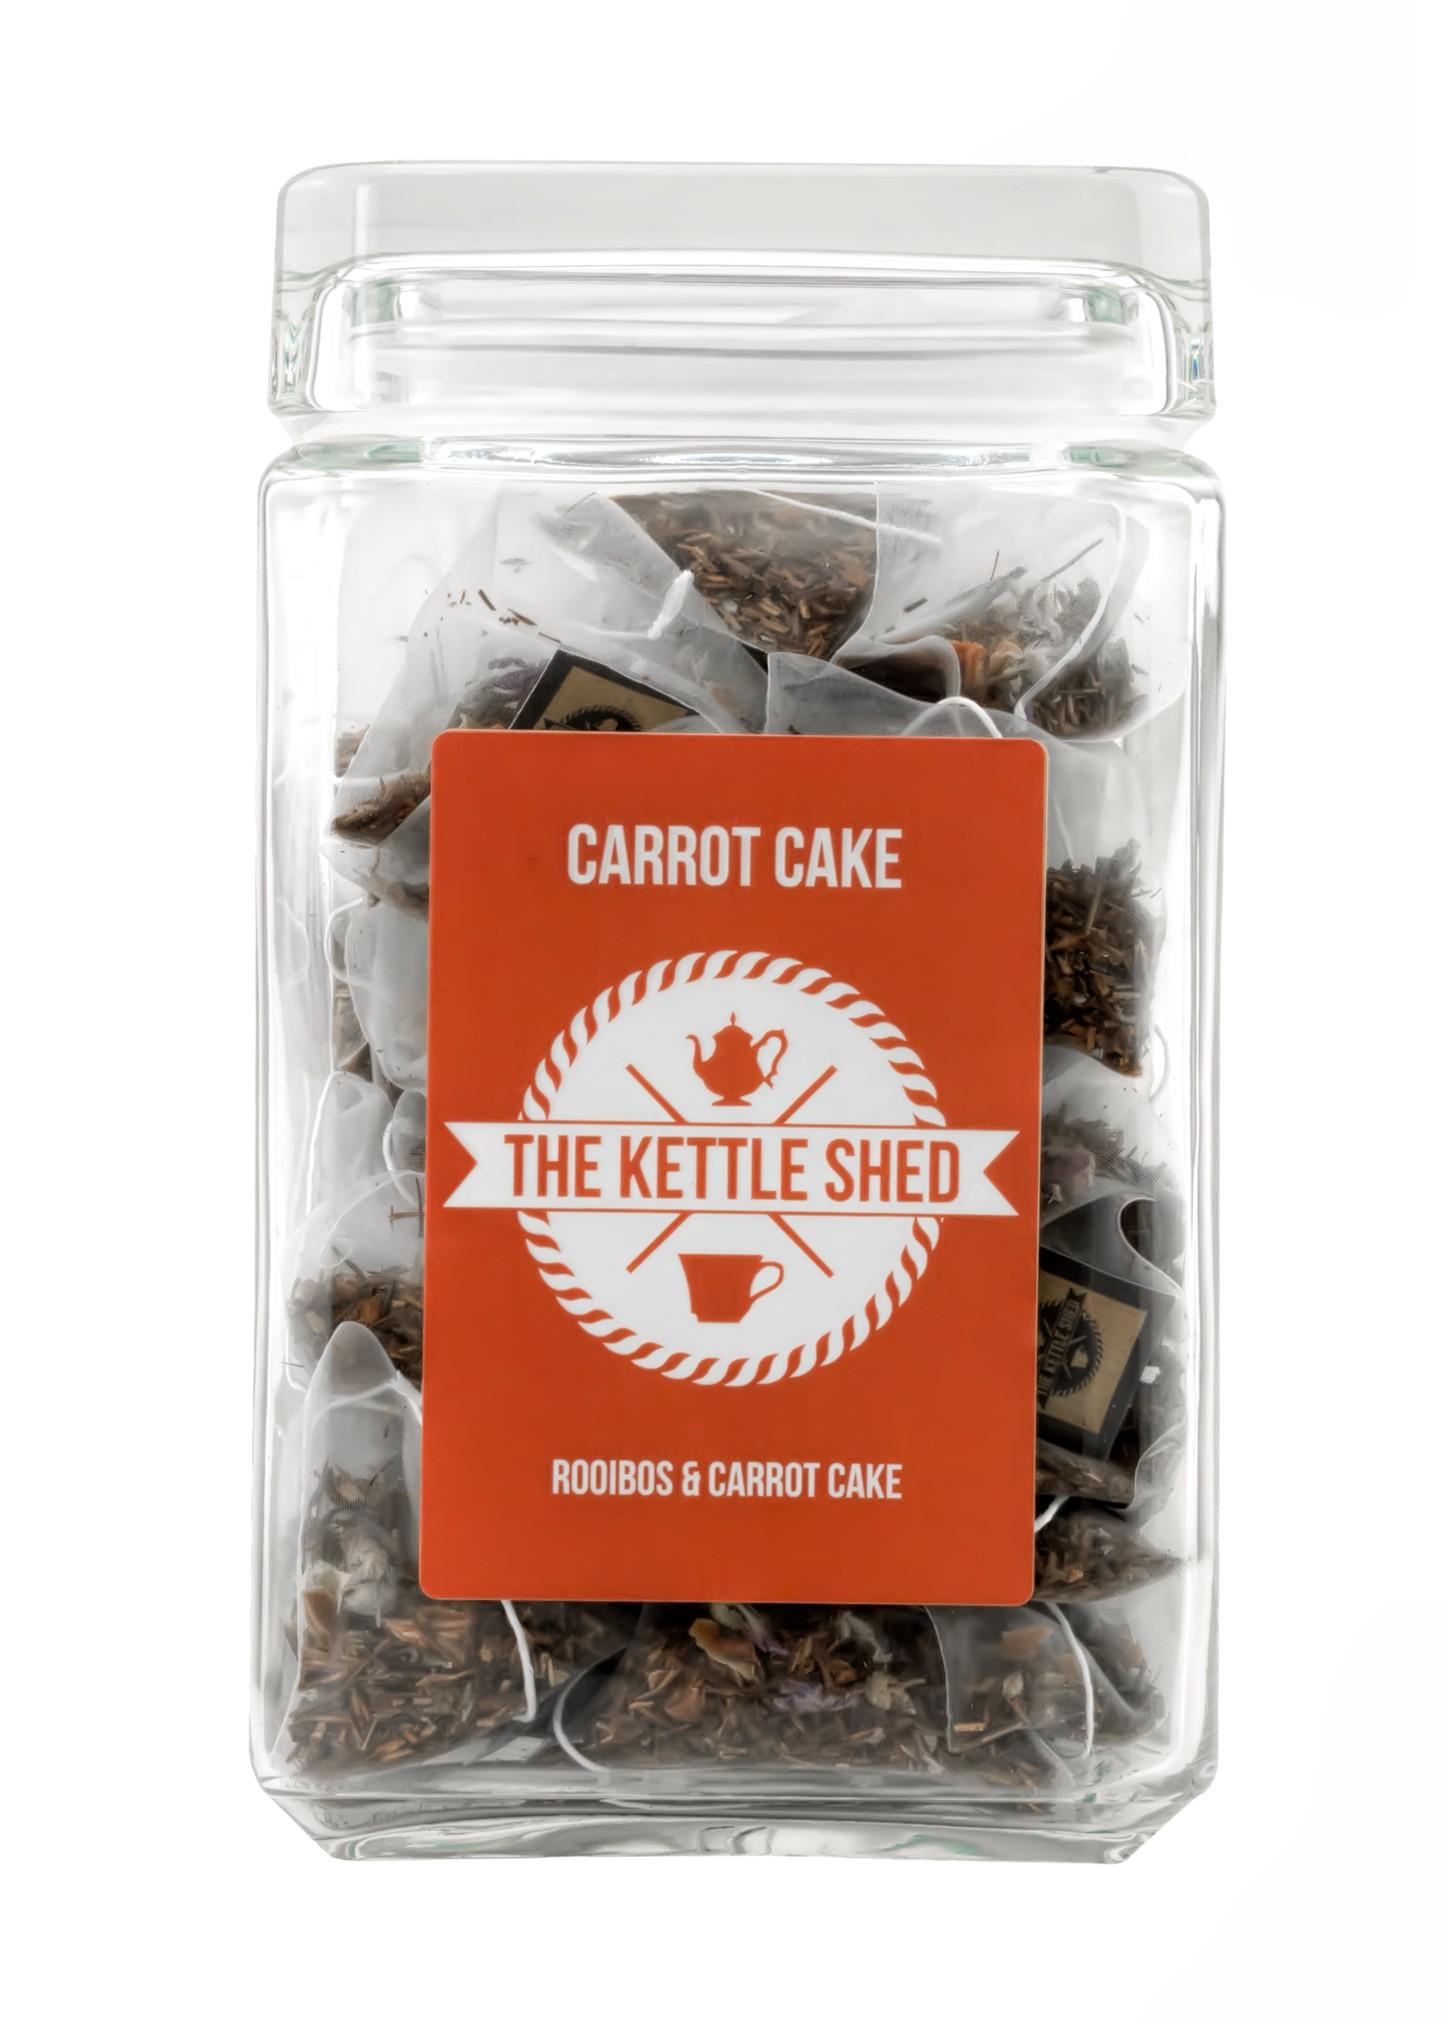 Carrot Cake - Glass Display Jar (without tea)